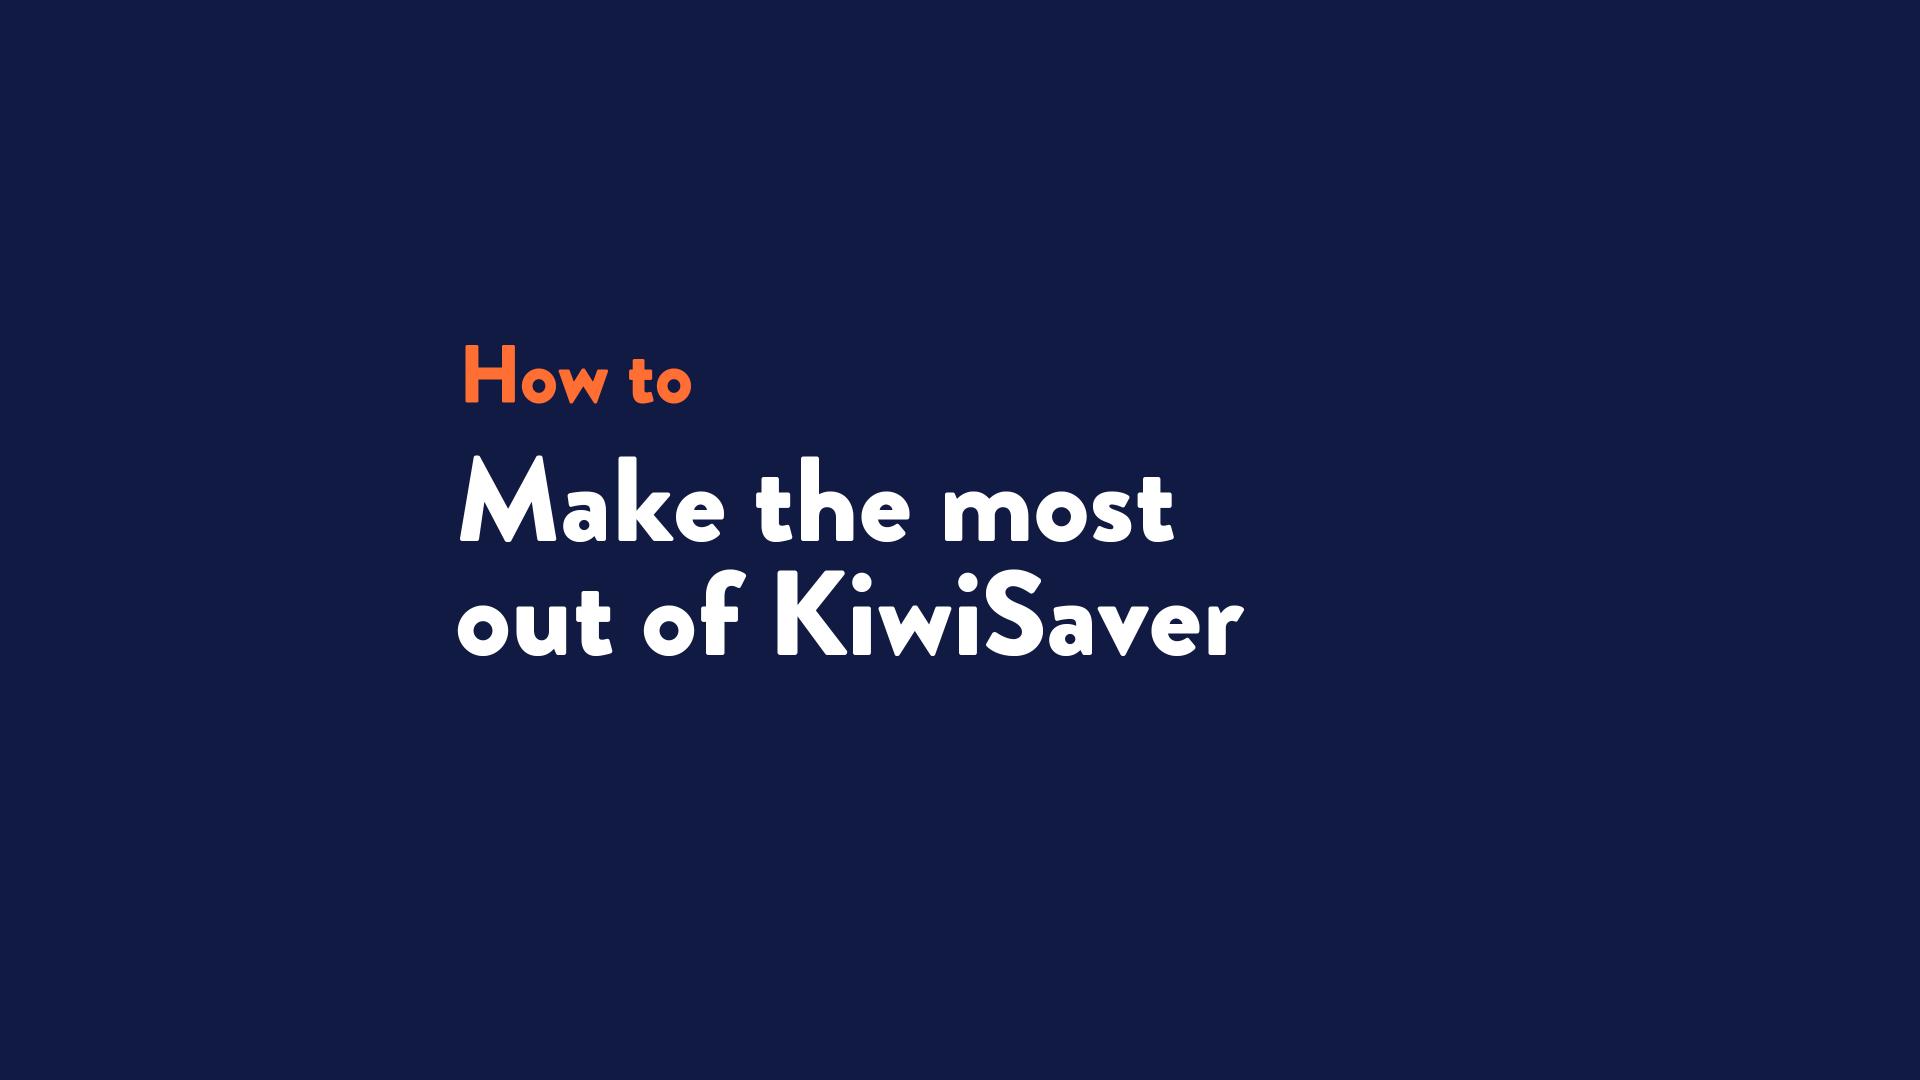 KiwiSaver Howto TN OCt 2020 copy